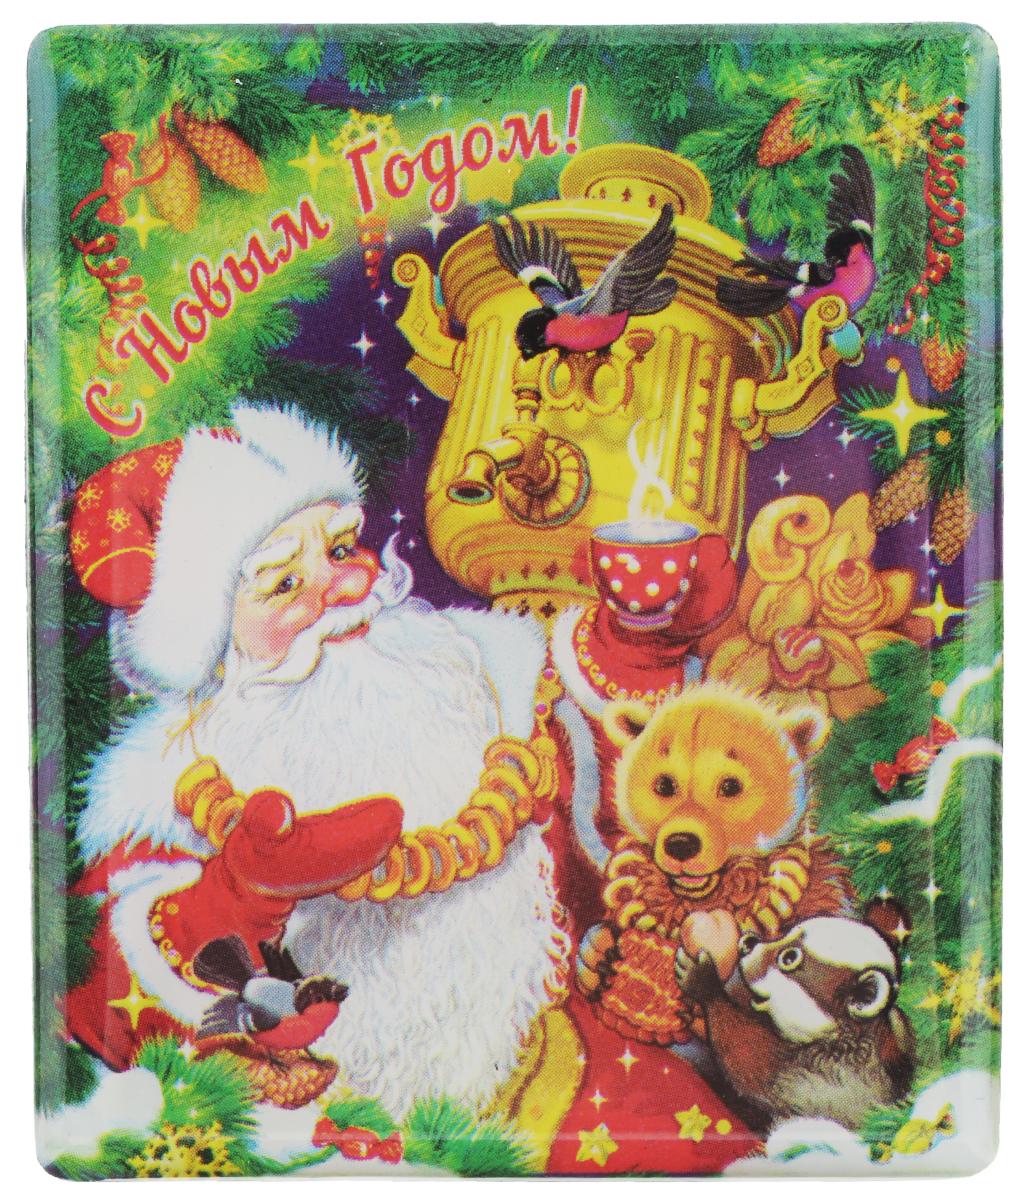 Магнит Феникс-презент Дед Мороз с самоваром, 6 x 5 см38367Магнит прямоугольной формы Феникс-презент Дед Мороз с самоваром, выполненный из агломерированного феррита, станет приятным штрихом в повседневной жизни. Оригинальный магнит, декорированный изображением Деда Мороза и забавных зверят, поможет вам украсить не только холодильник, но и любую другую магнитную поверхность. Материал: агломерированный феррит.